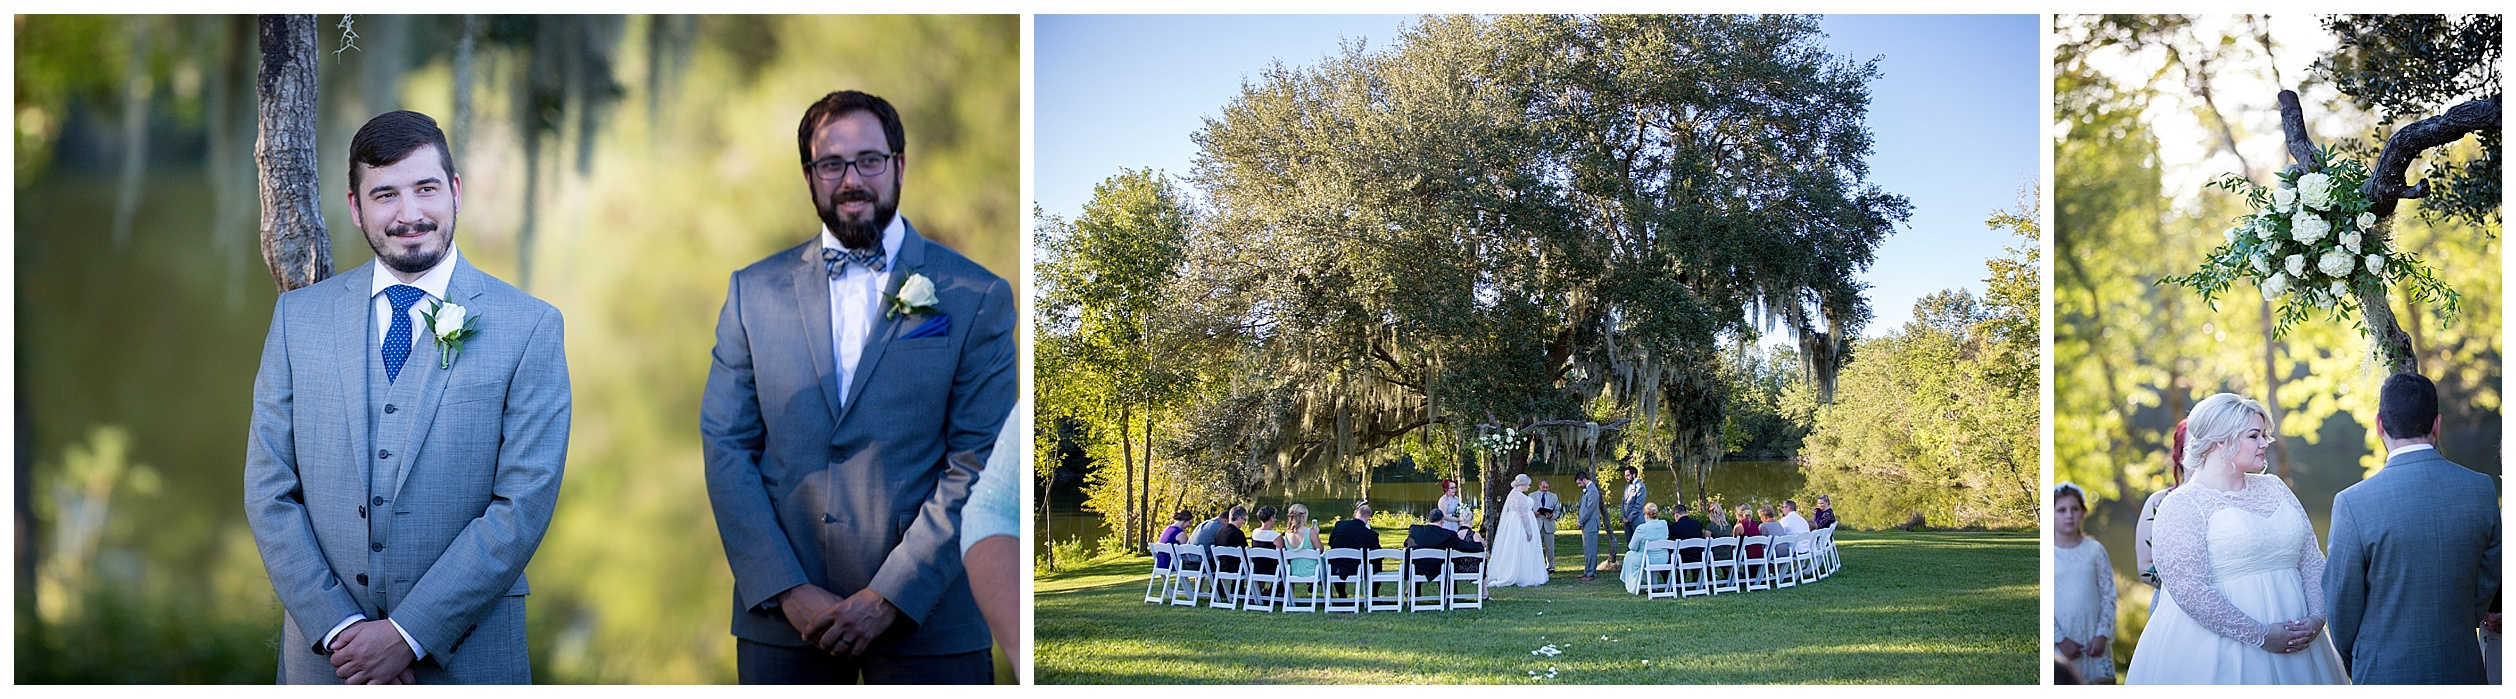 red gate farms wedding -marcy greg-20.jpg